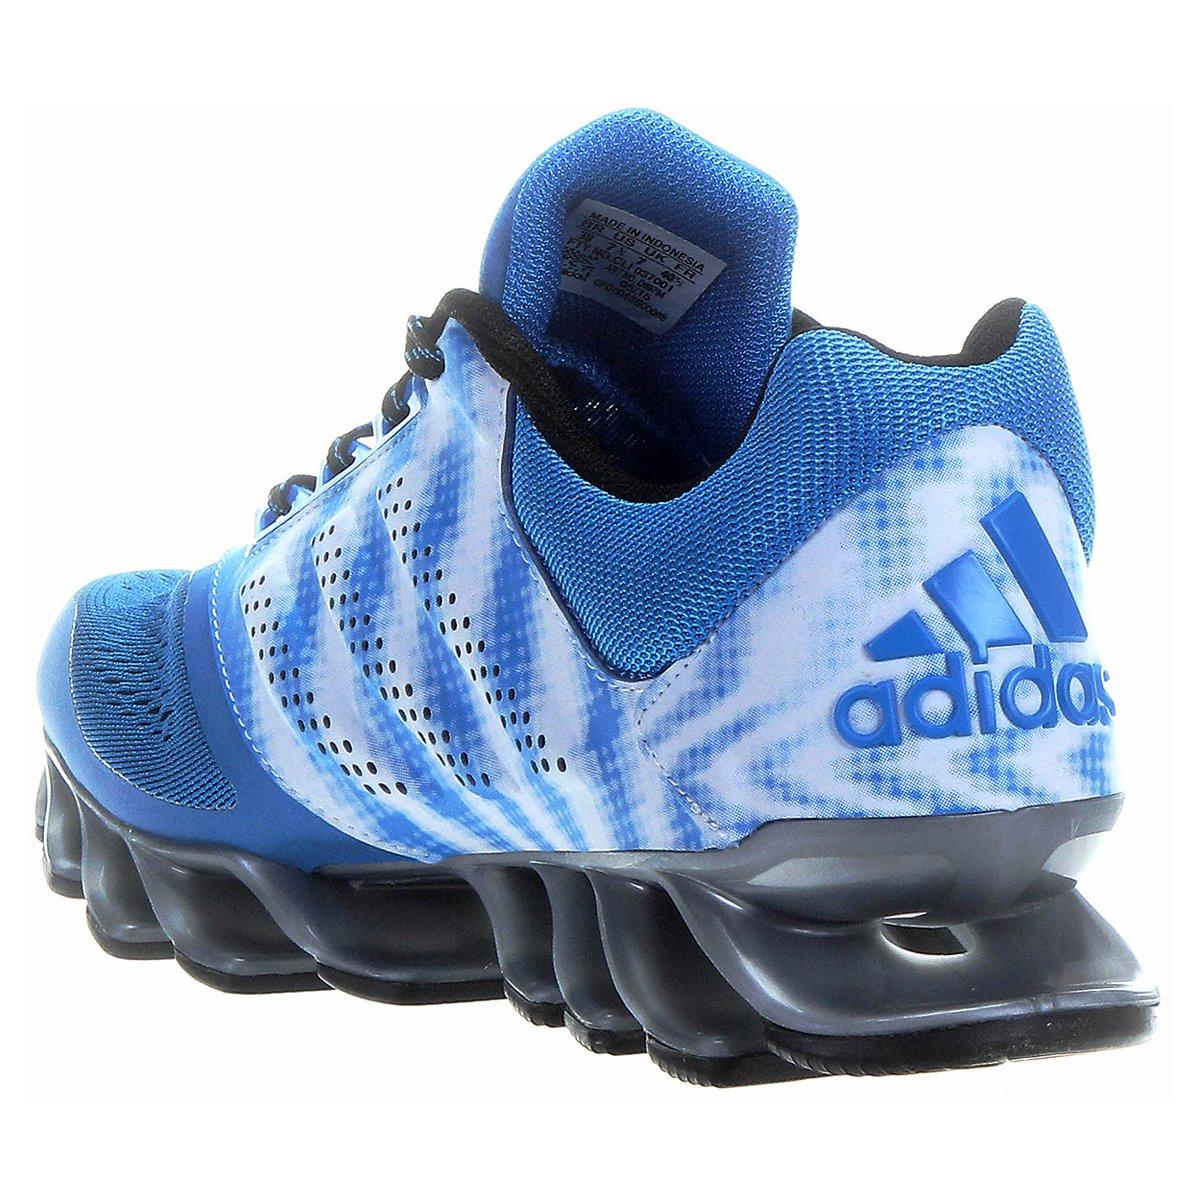 Tênis Adidas Springblade Drive 2 Masculino - Compre Agora  de799bf18421c